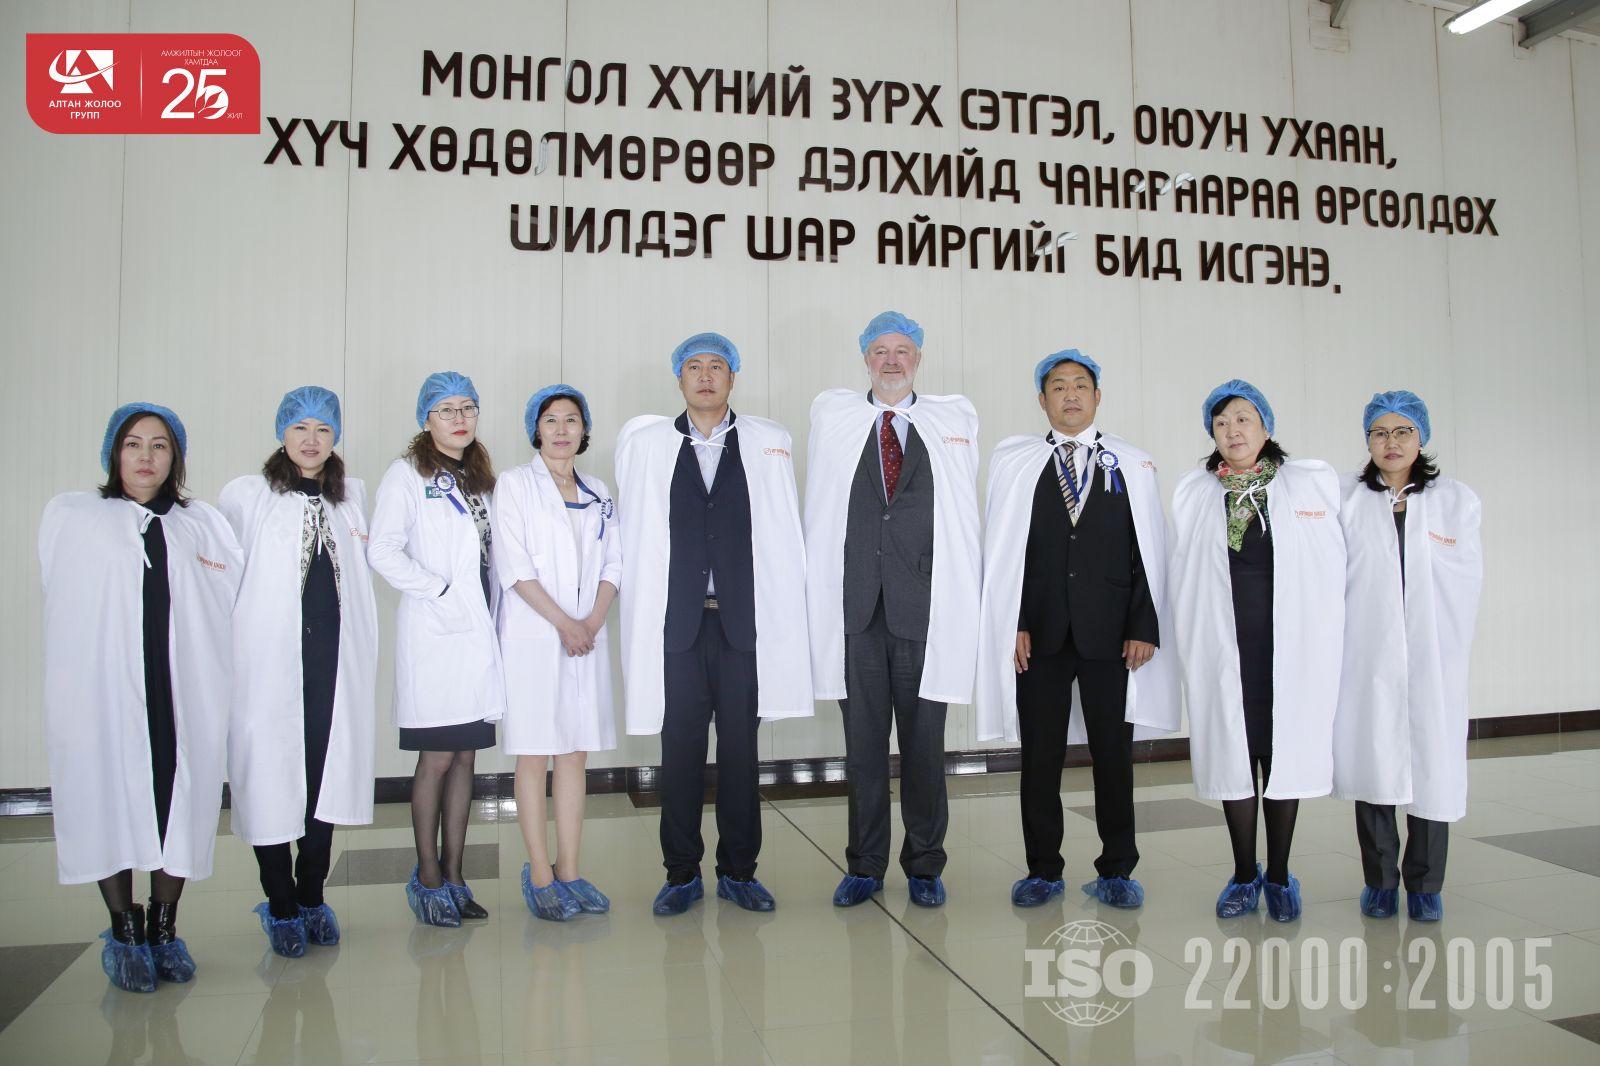 Монгол үйлдвэр дэлхийн стандартаар батлагаажлаа